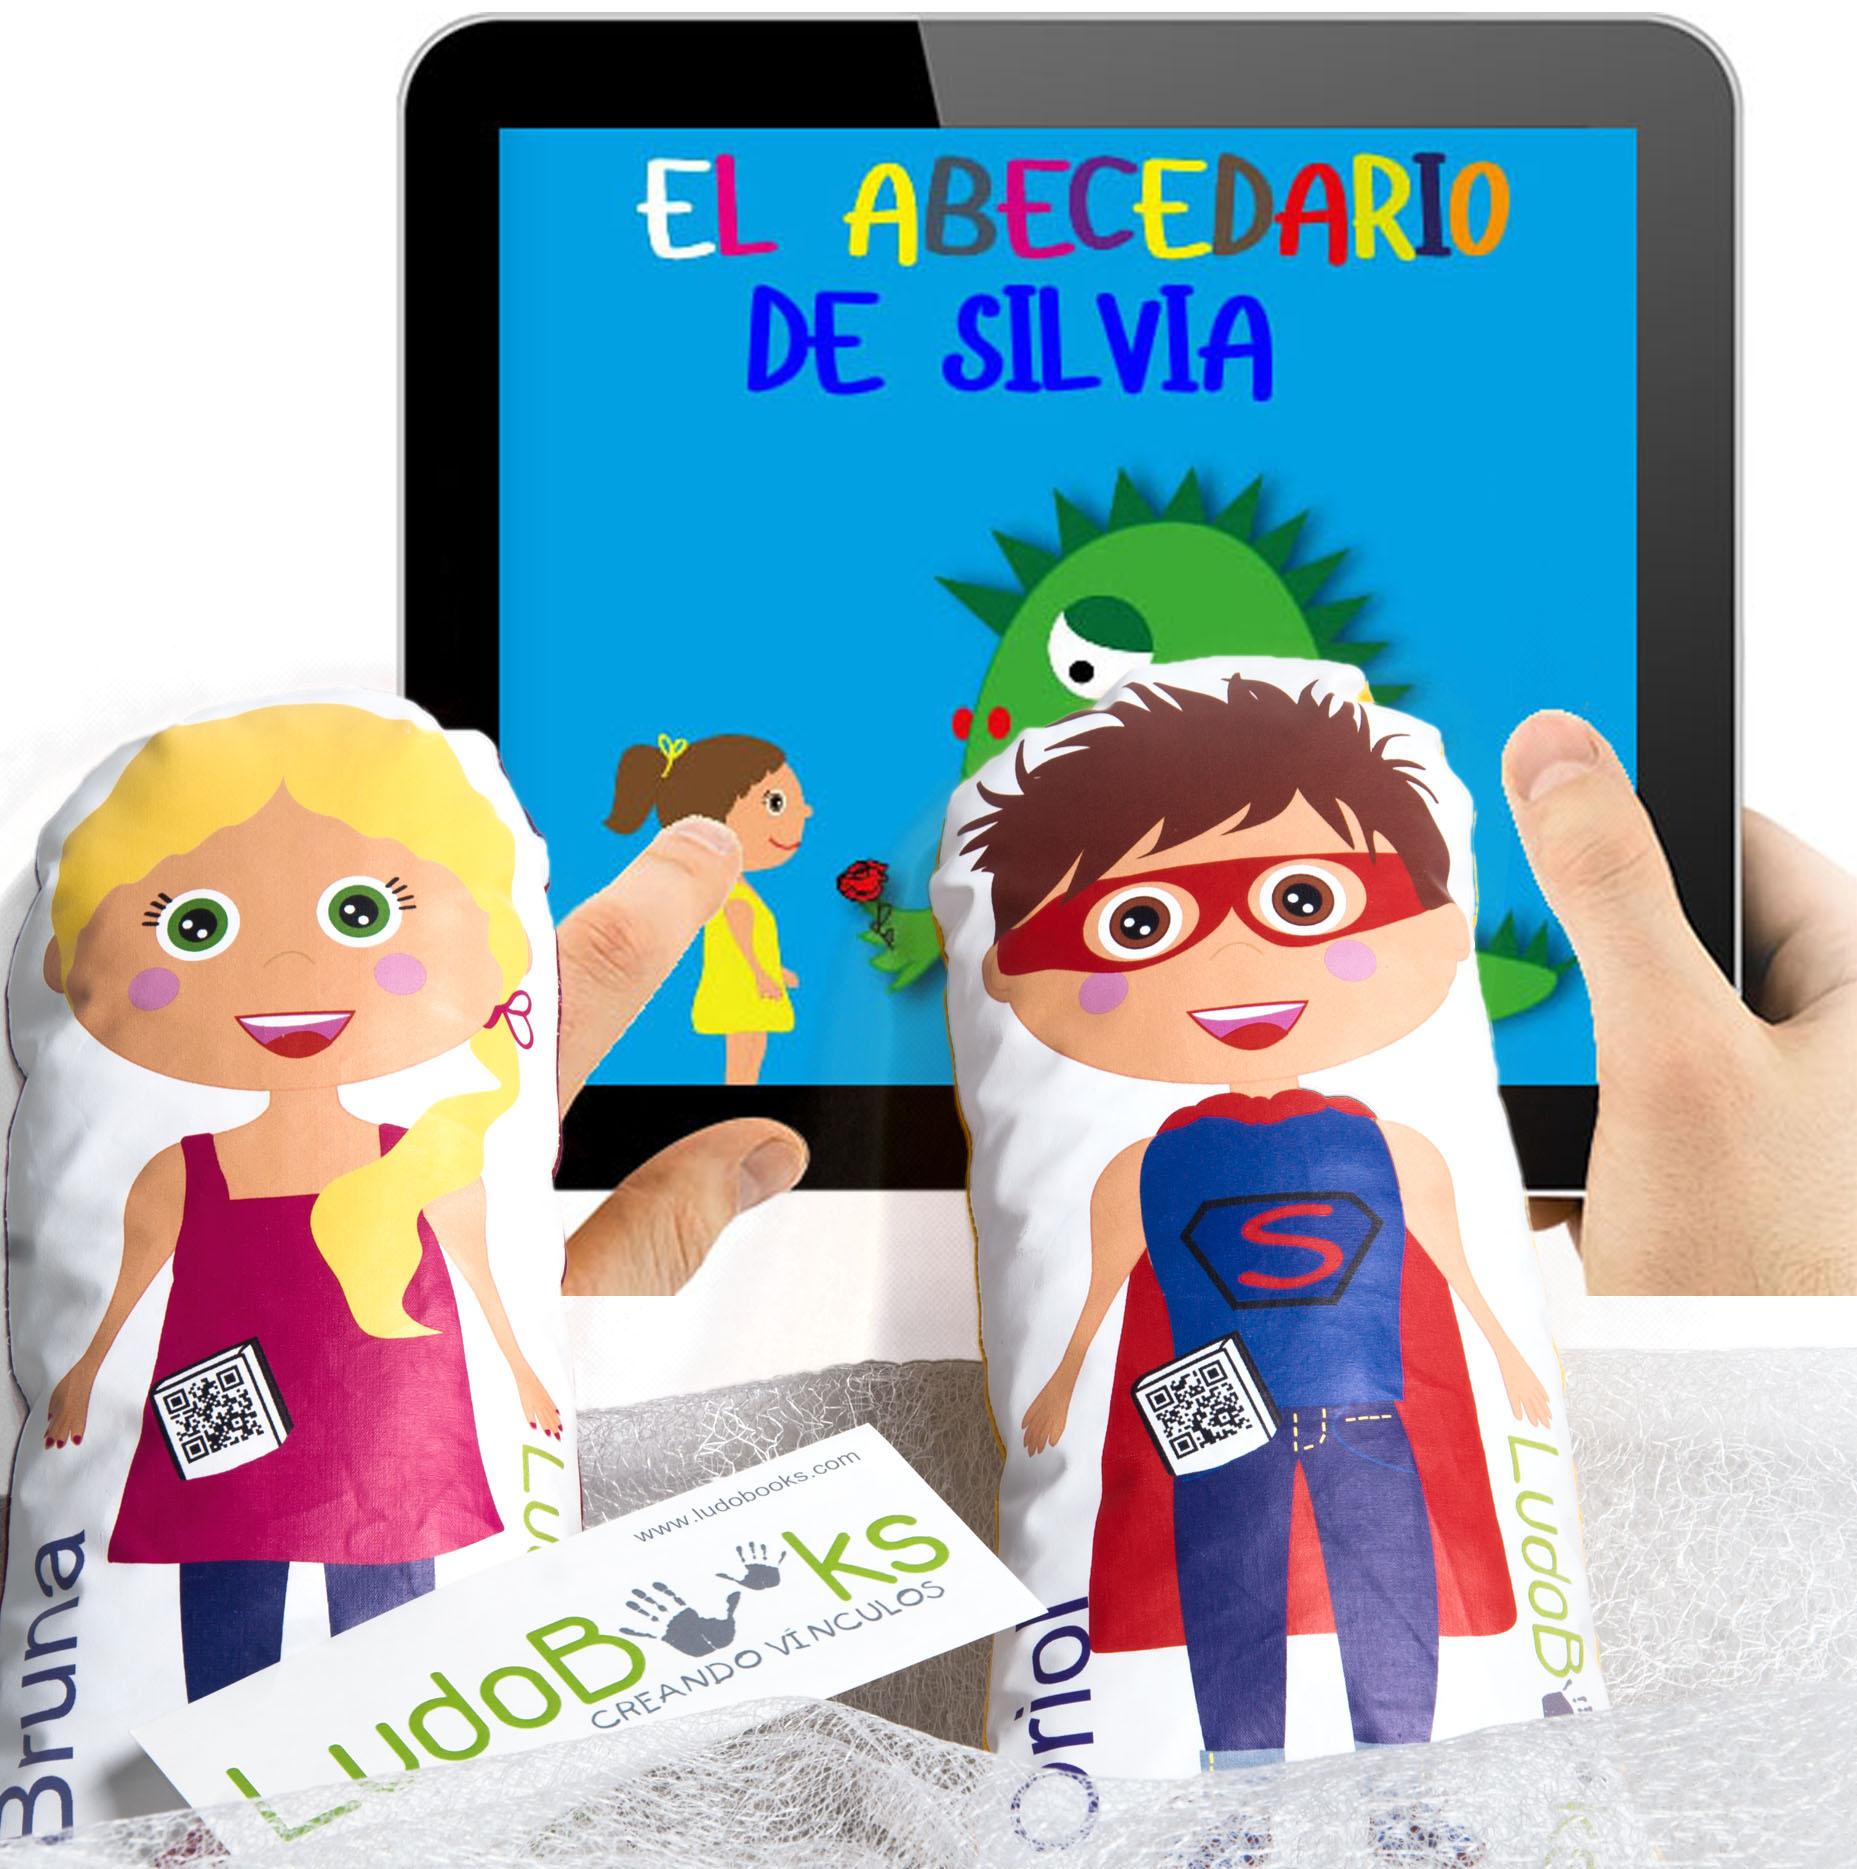 Libros personalizados para Sant Jordi - con sus muñecos personalizados